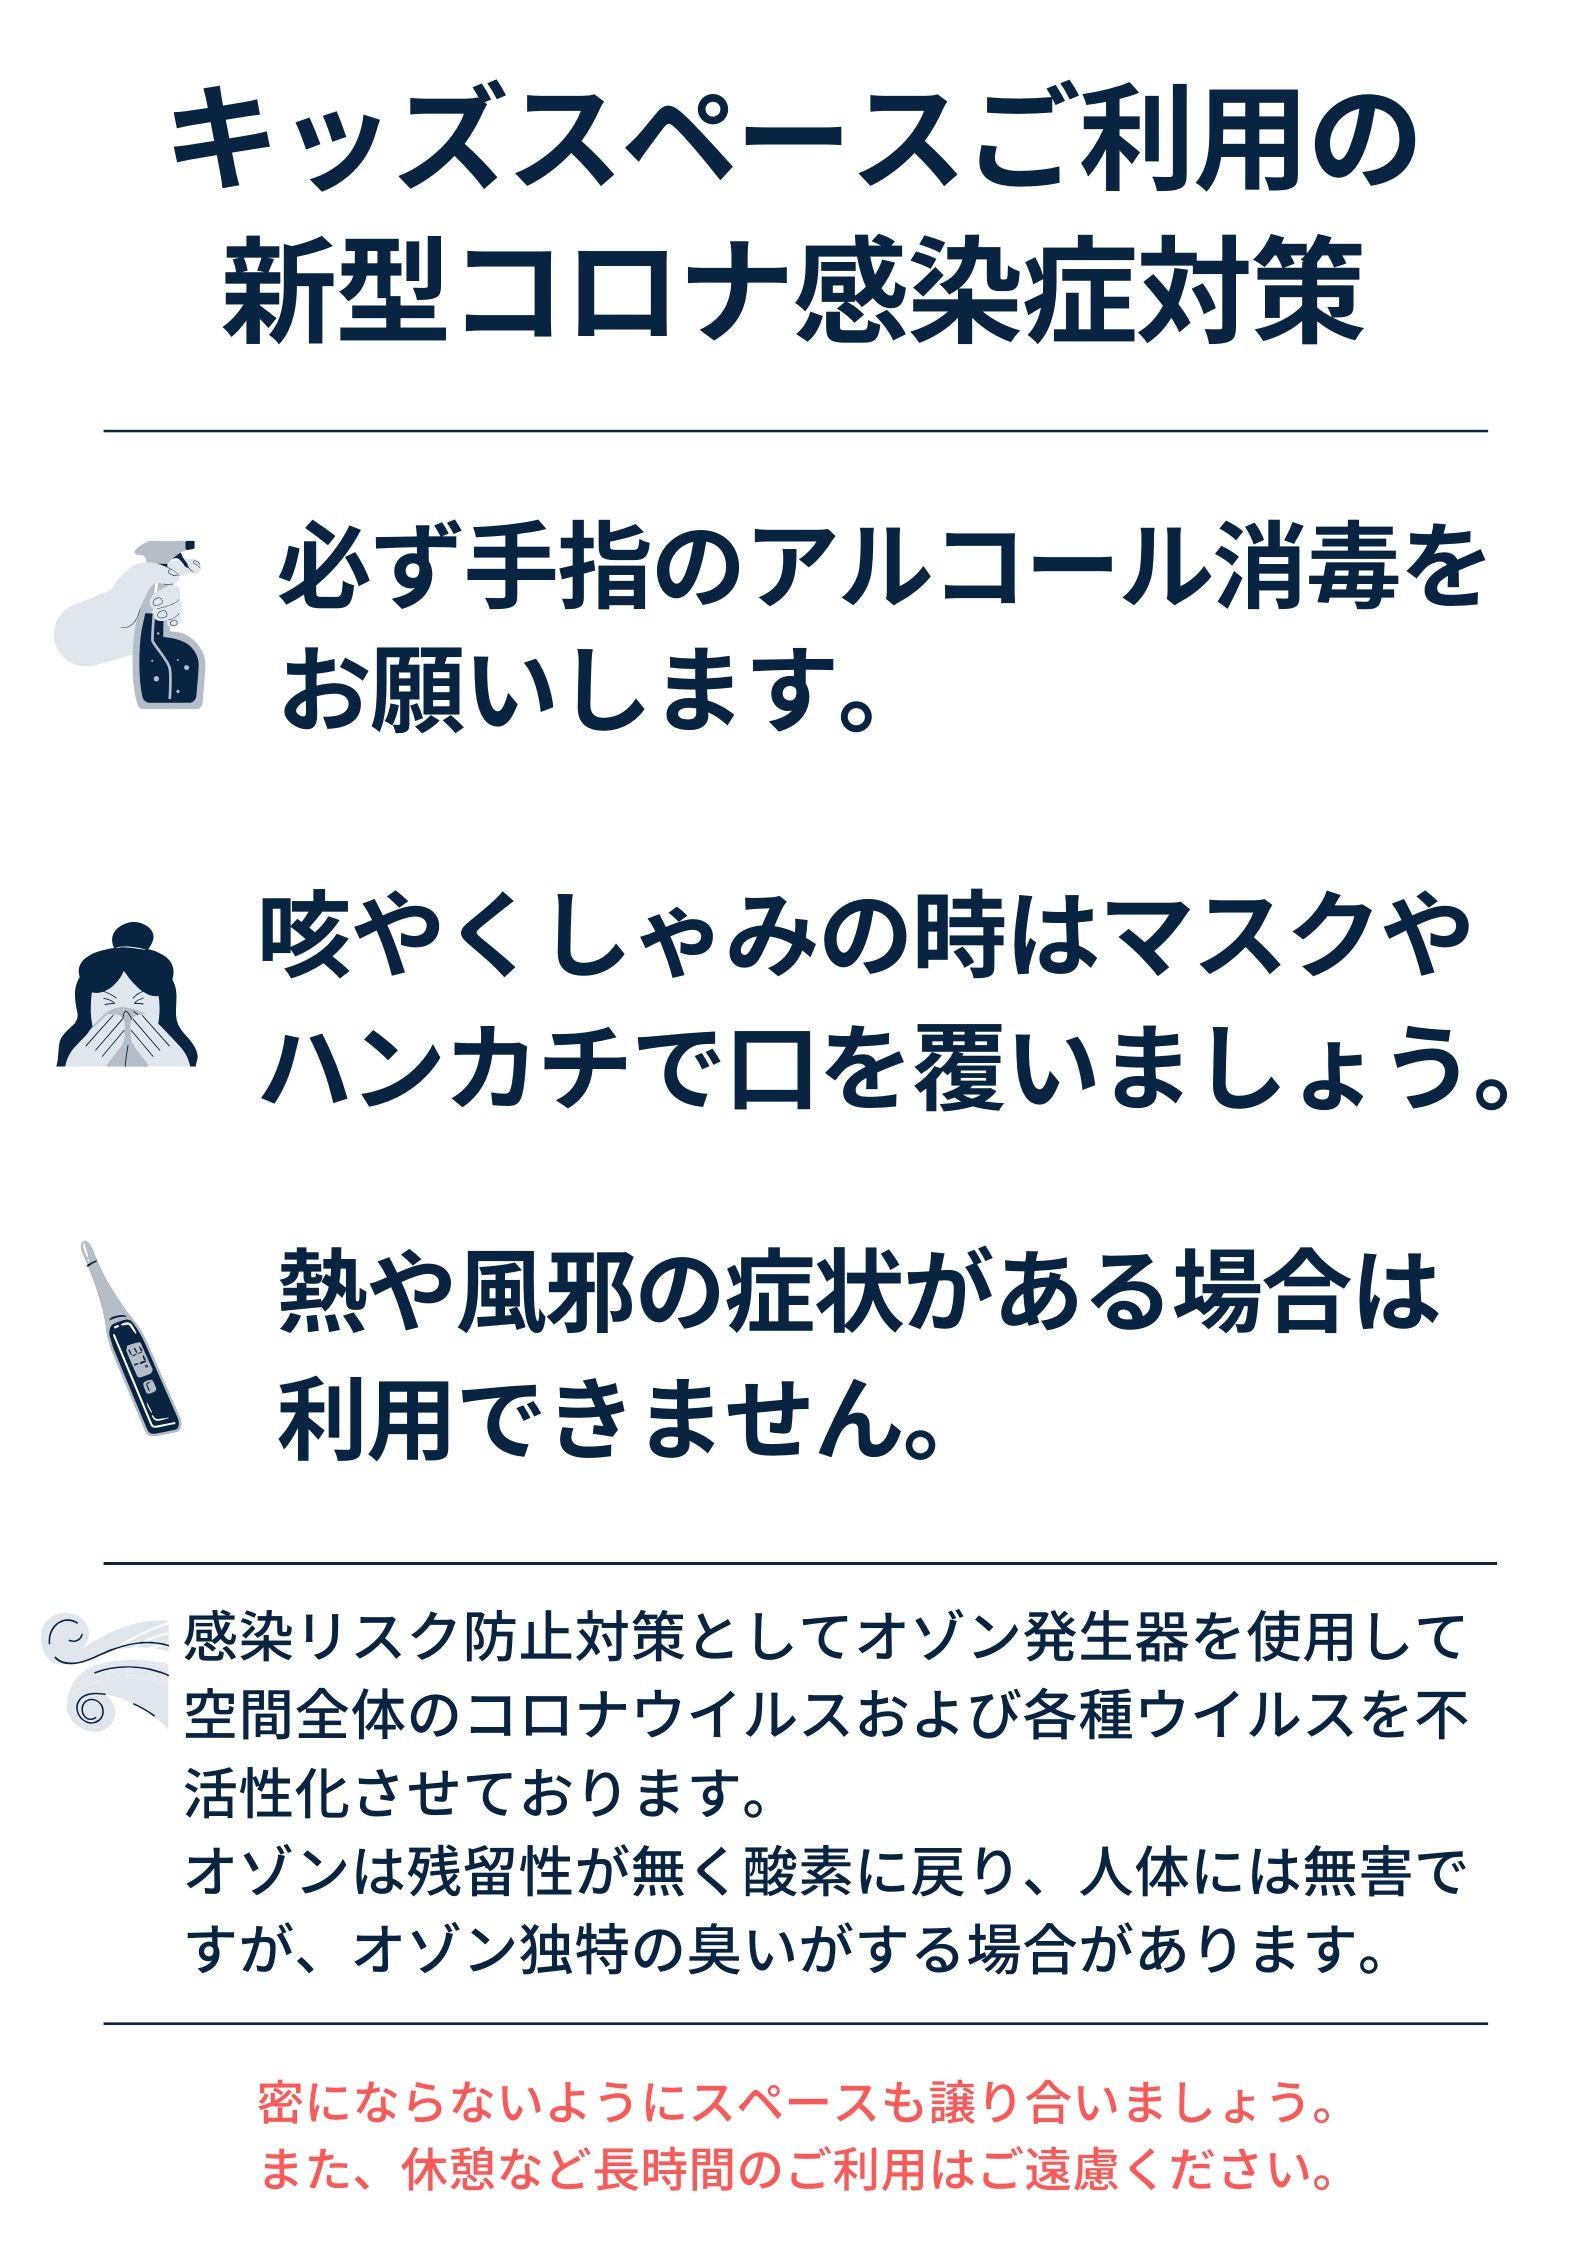 青と白 職場ガイドライン コロナウィルスポスター.jpg